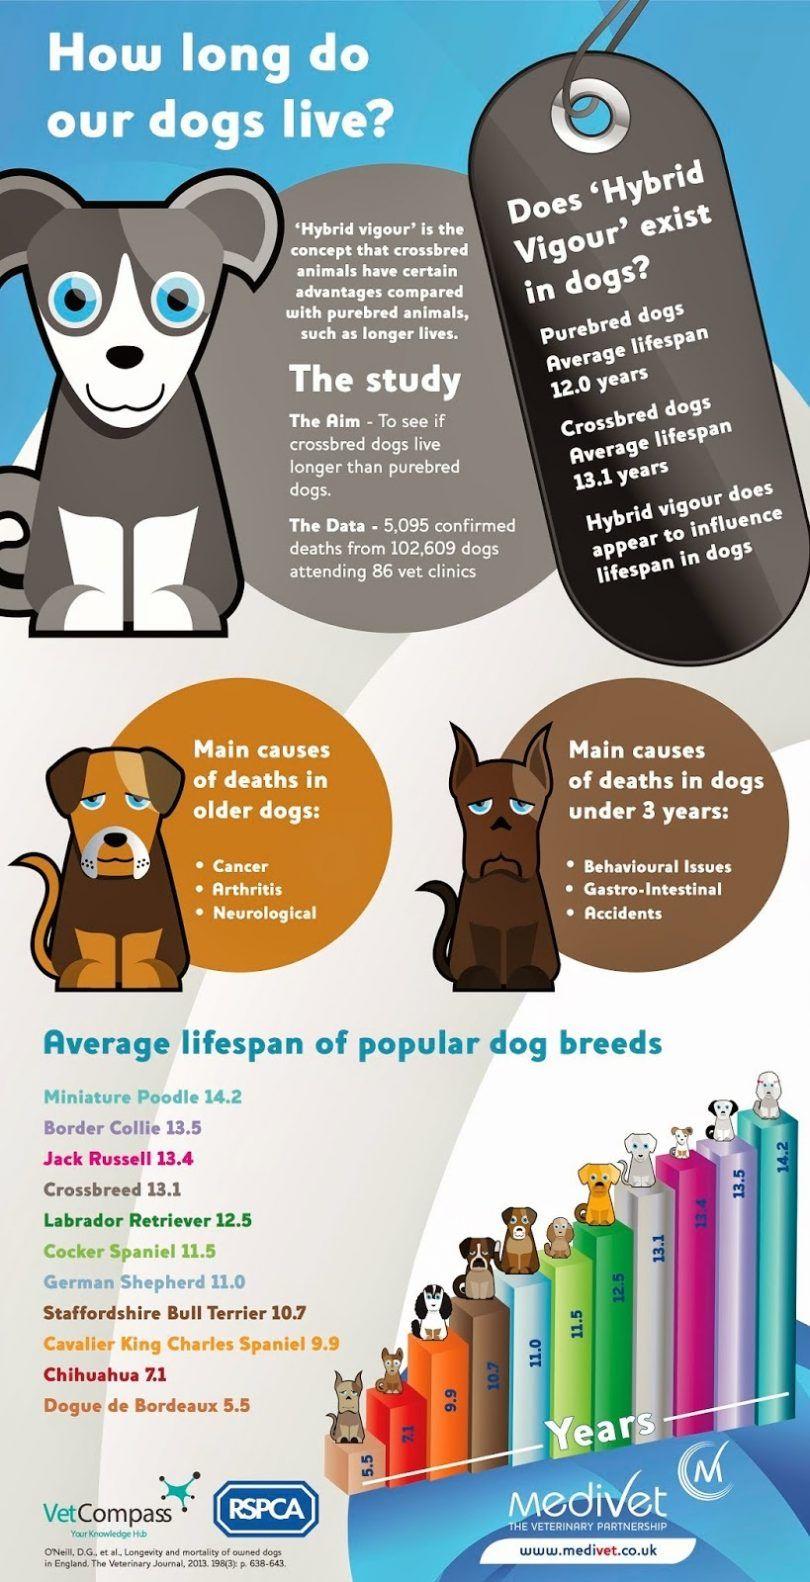 Hybrid dogs live